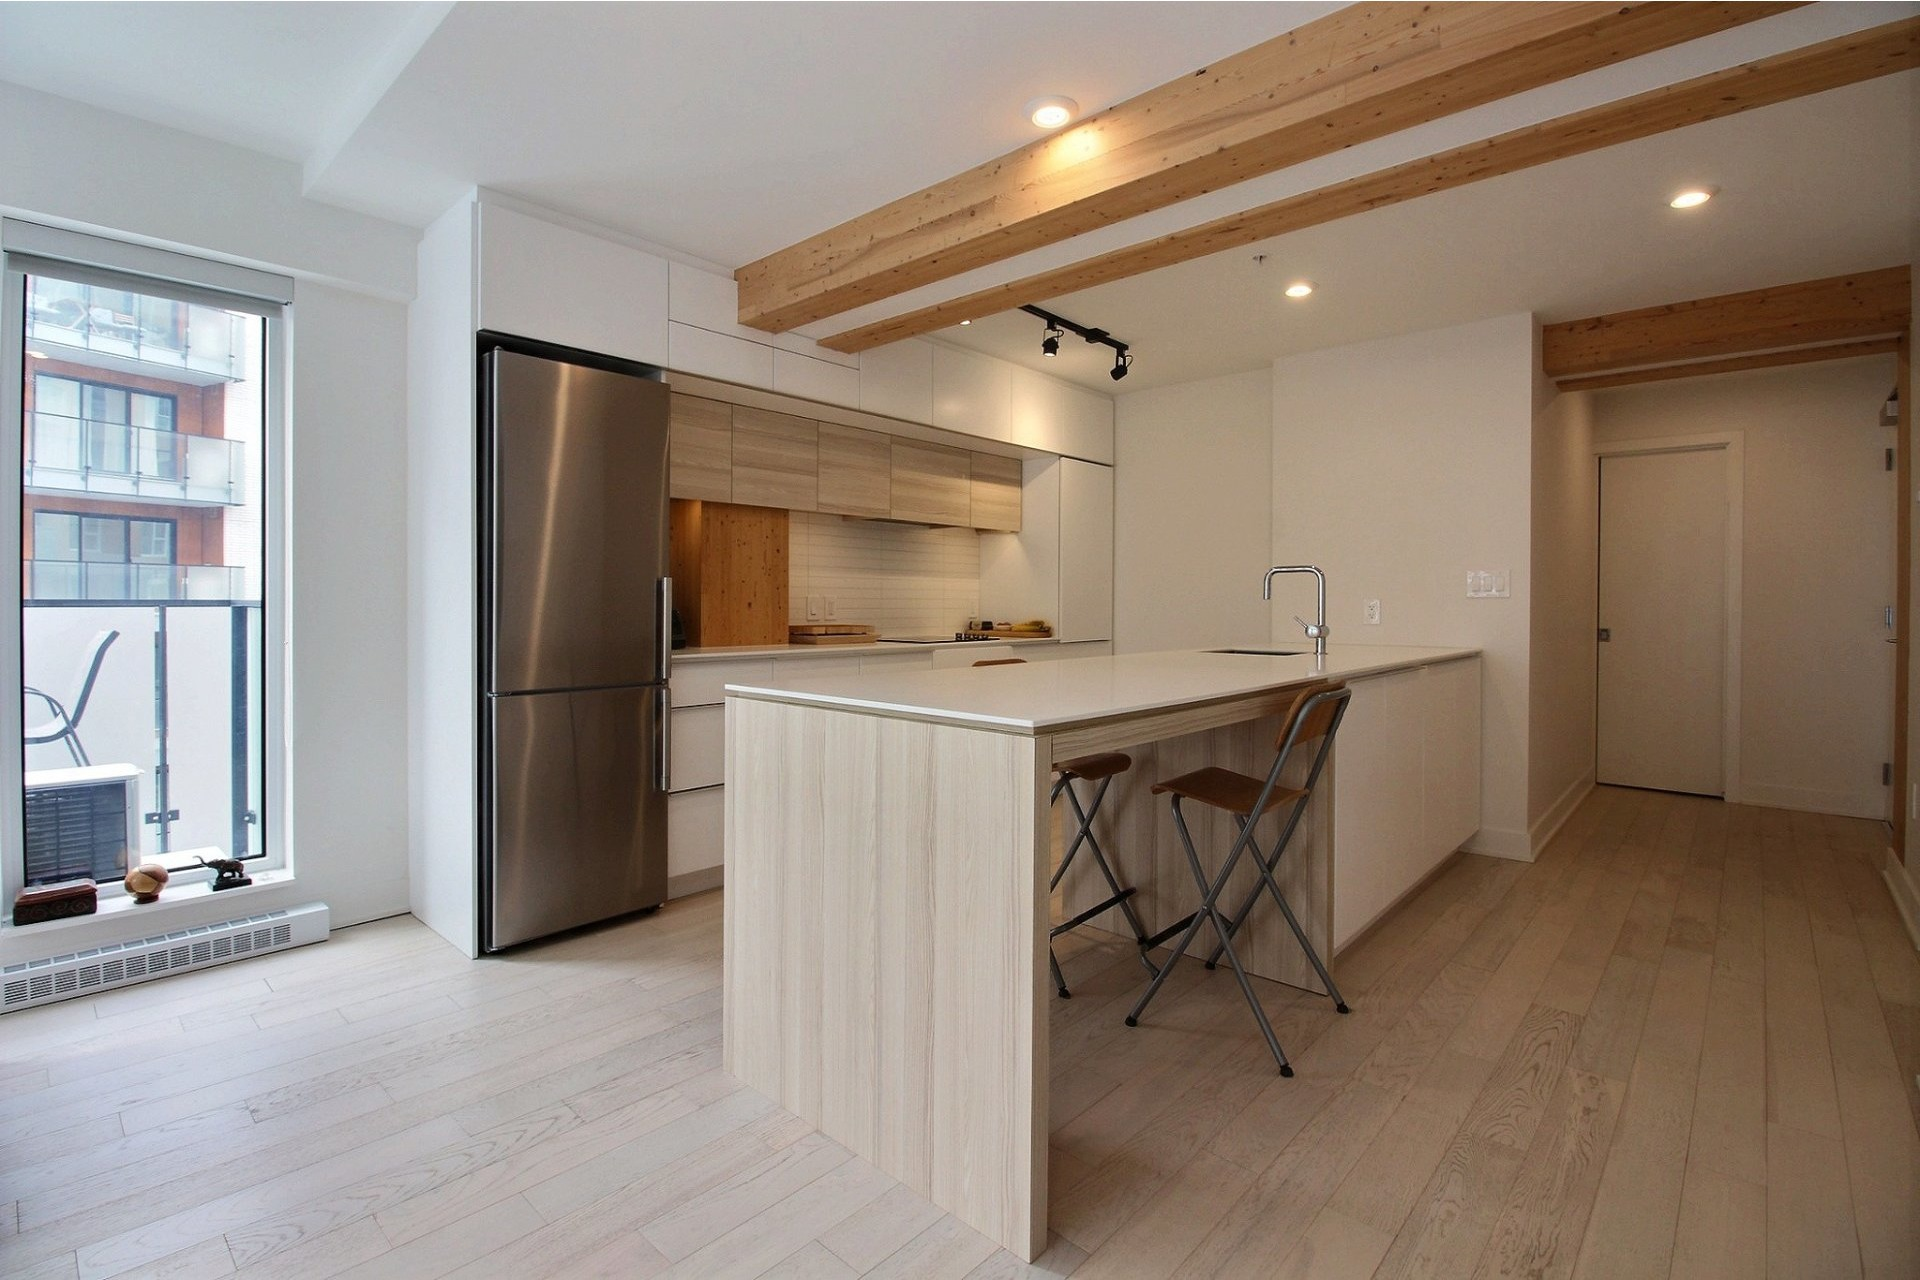 image 3 - Appartement À louer Montréal Le Sud-Ouest  - 4 pièces